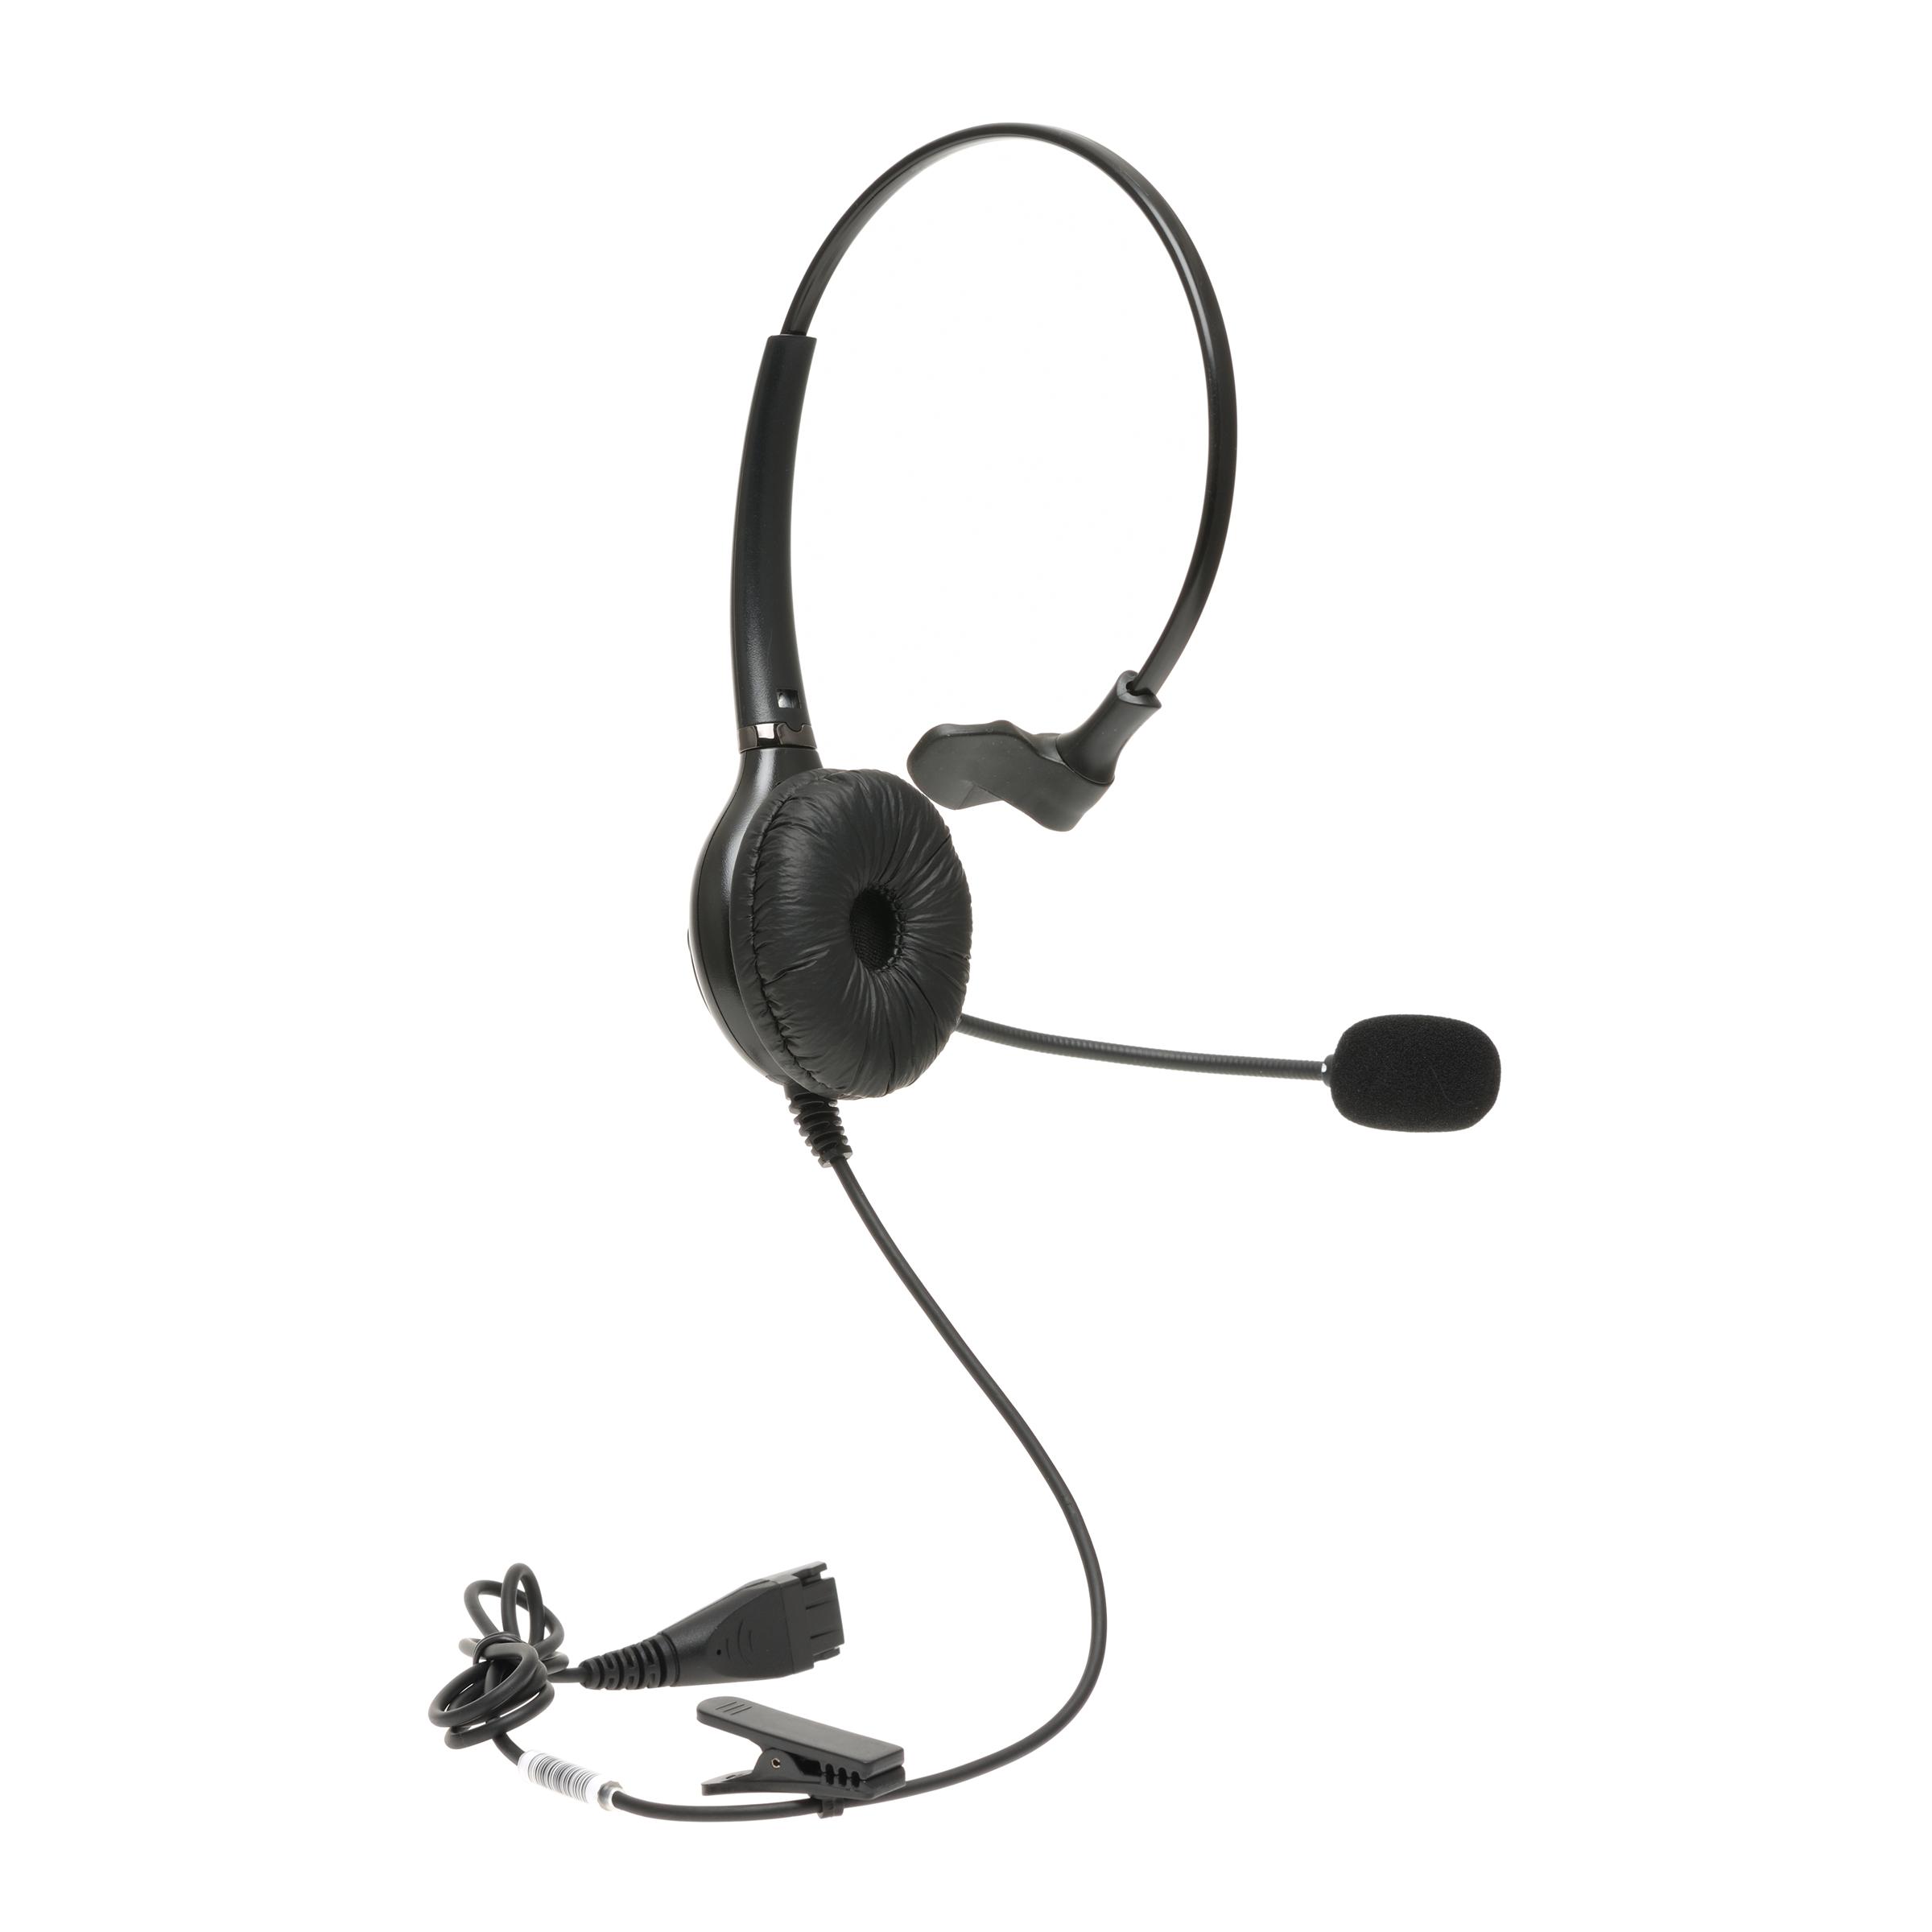 Cisco IP Phone Headset